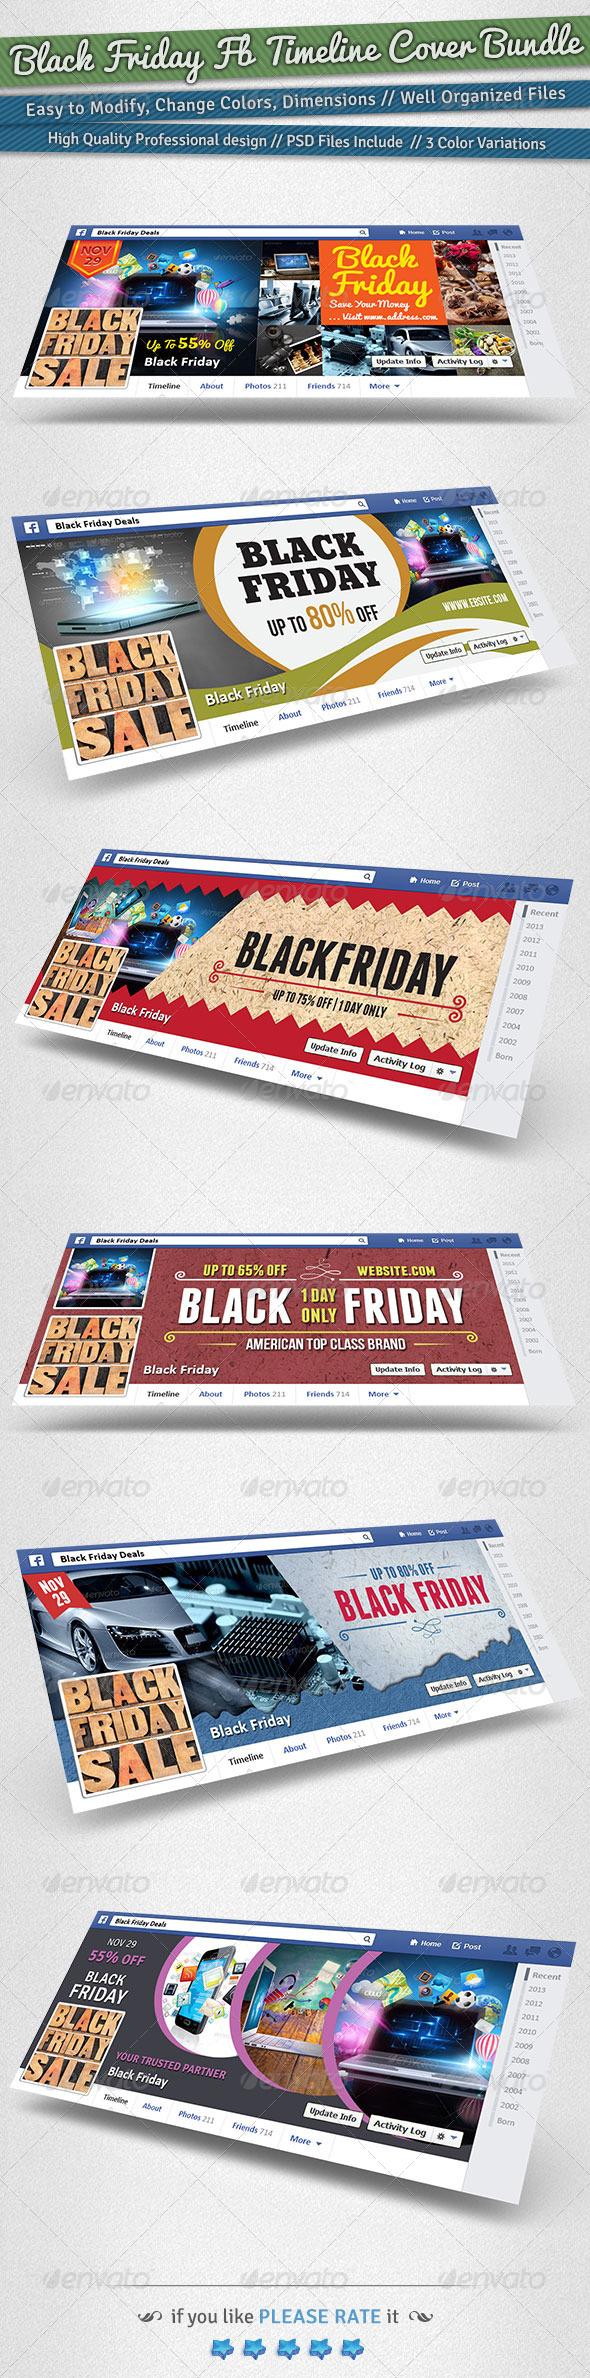 Black Friday Promotion FB Timeline Cover Bundle